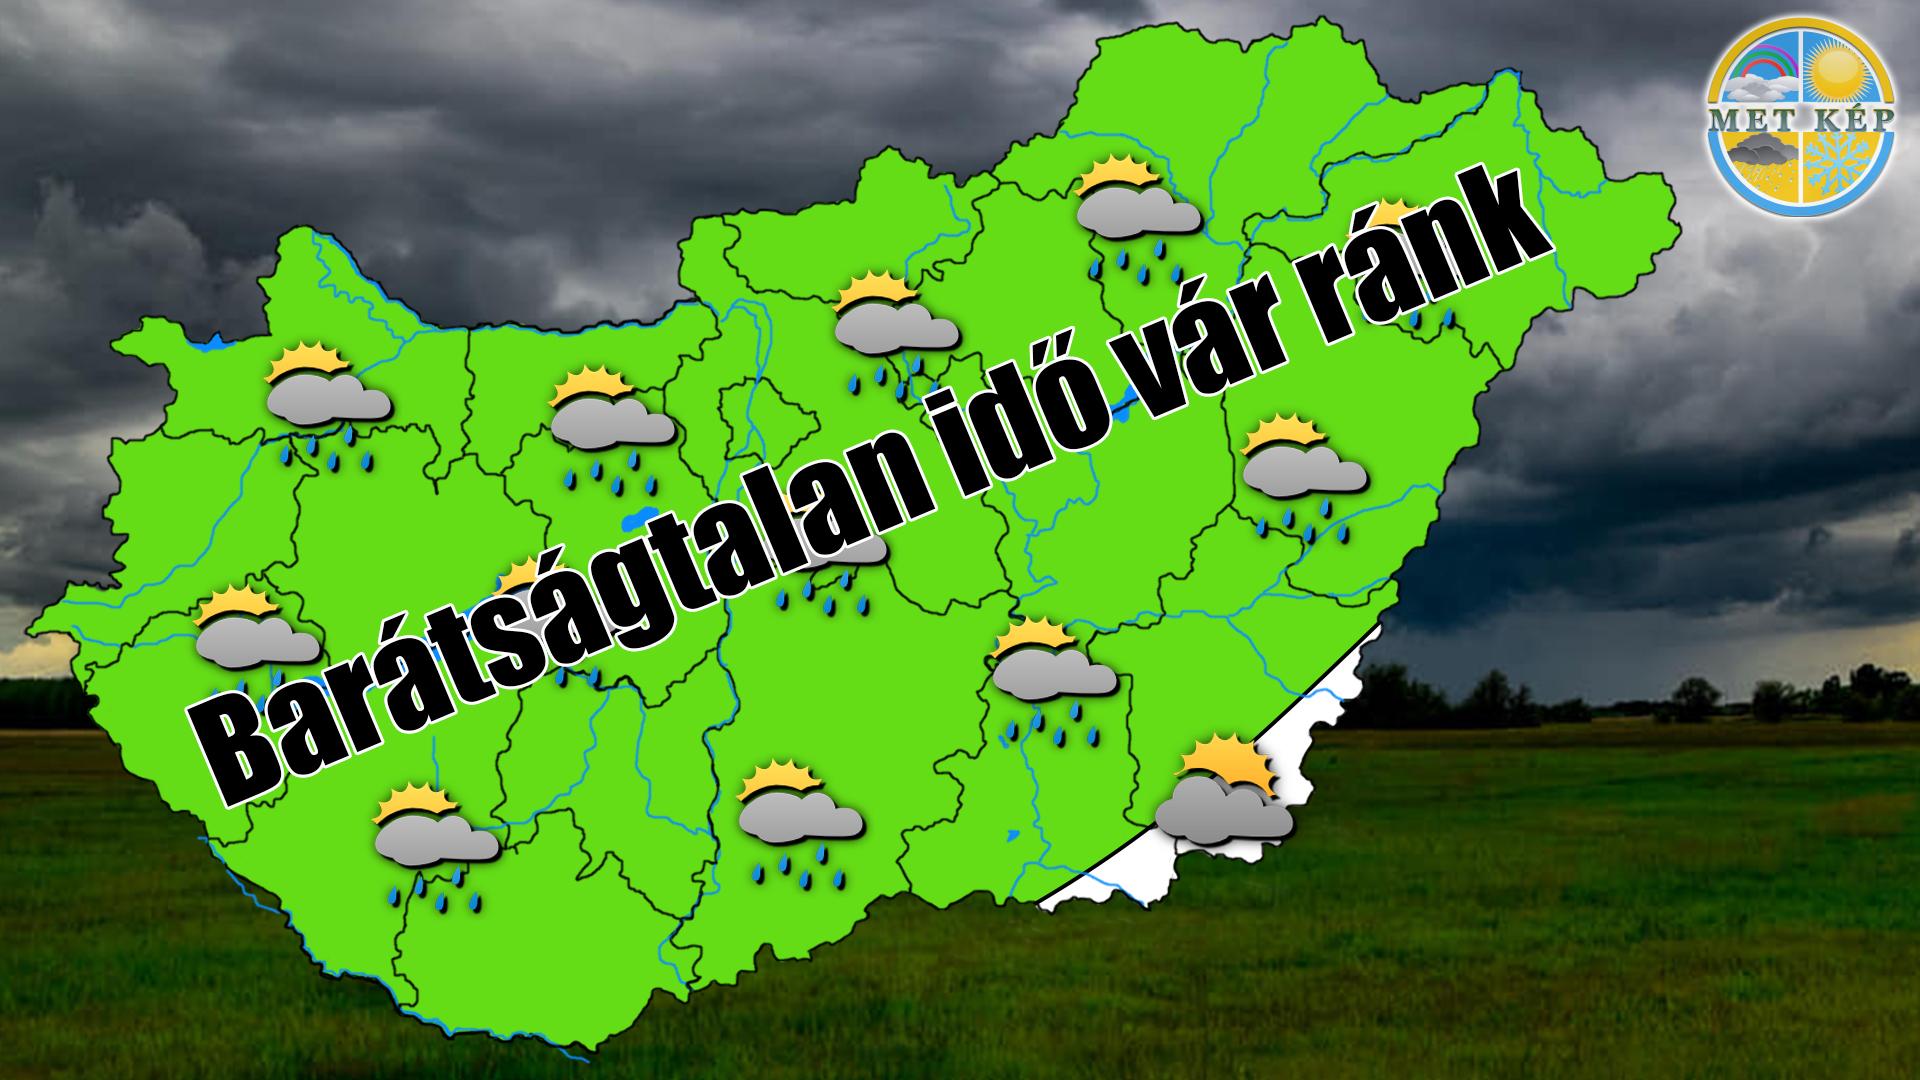 Barátságtalan esős idő vár ránk 1